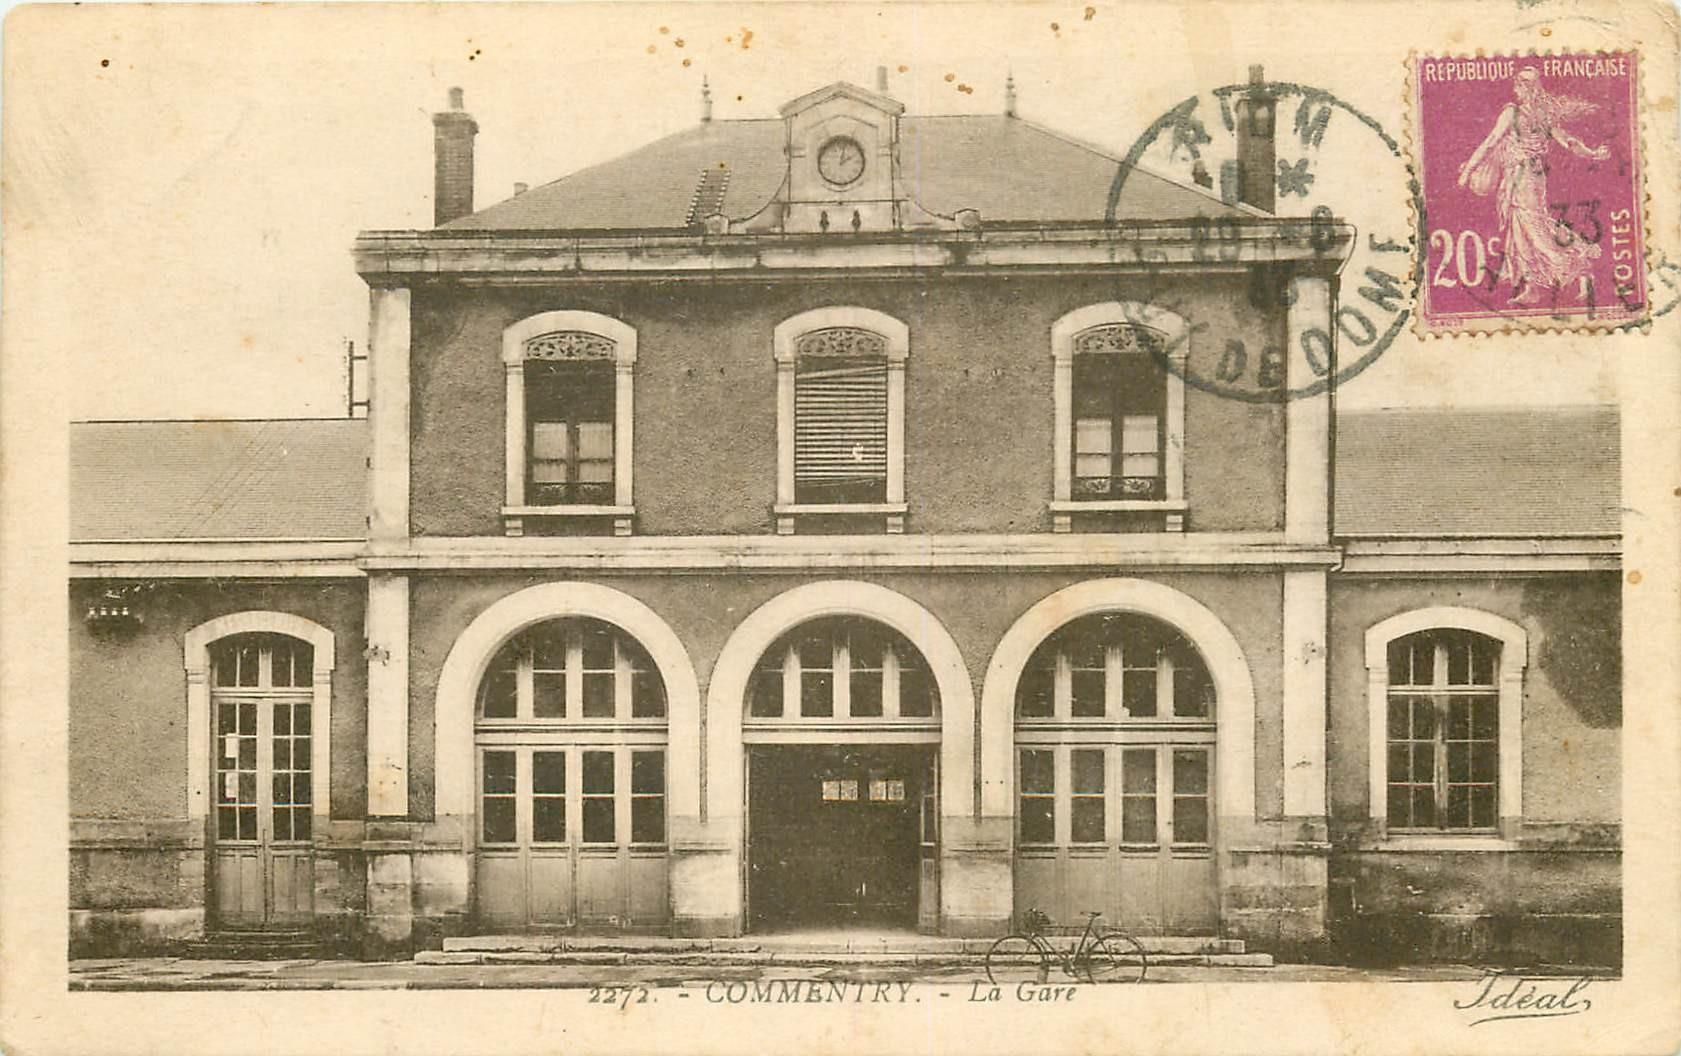 03 COMMENTRY. La Gare 1933